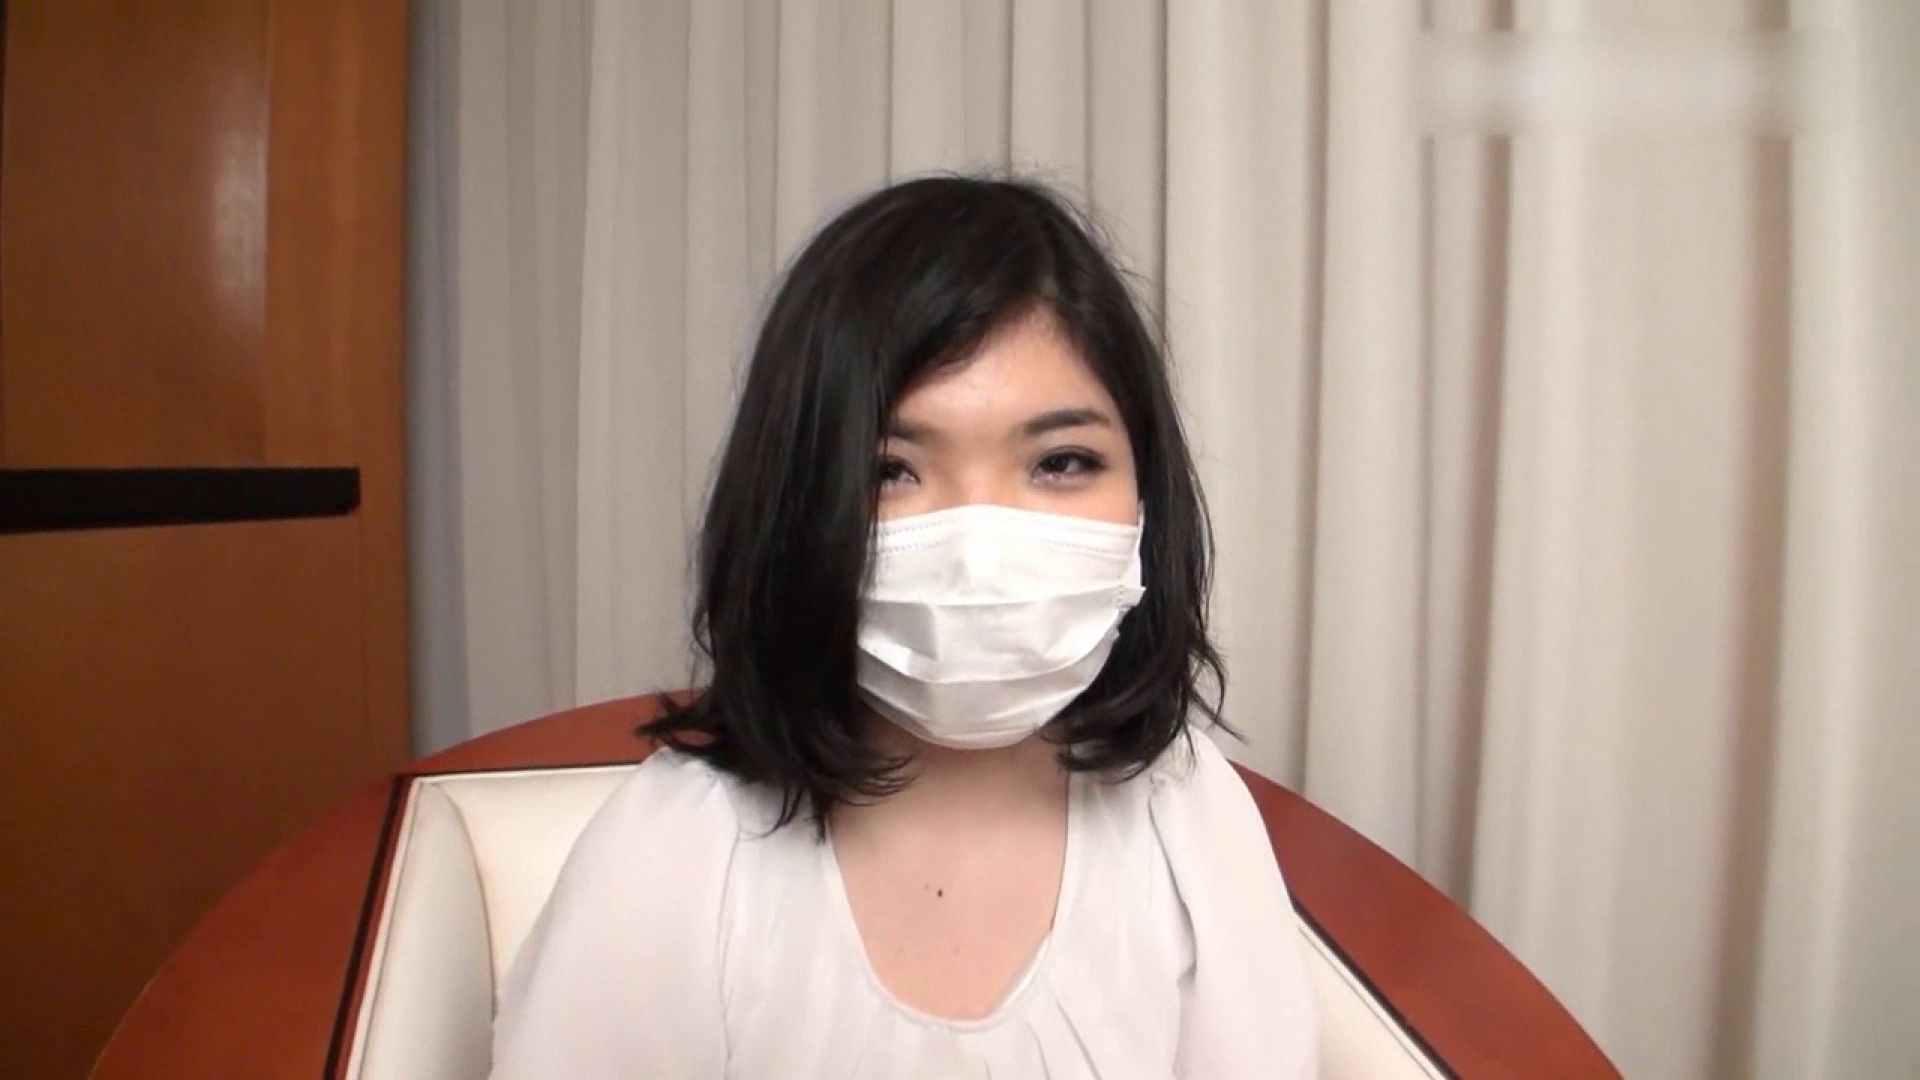 ビッチガールの反逆 Vol.15 前編 シャワー ワレメ無修正動画無料 83pic 32